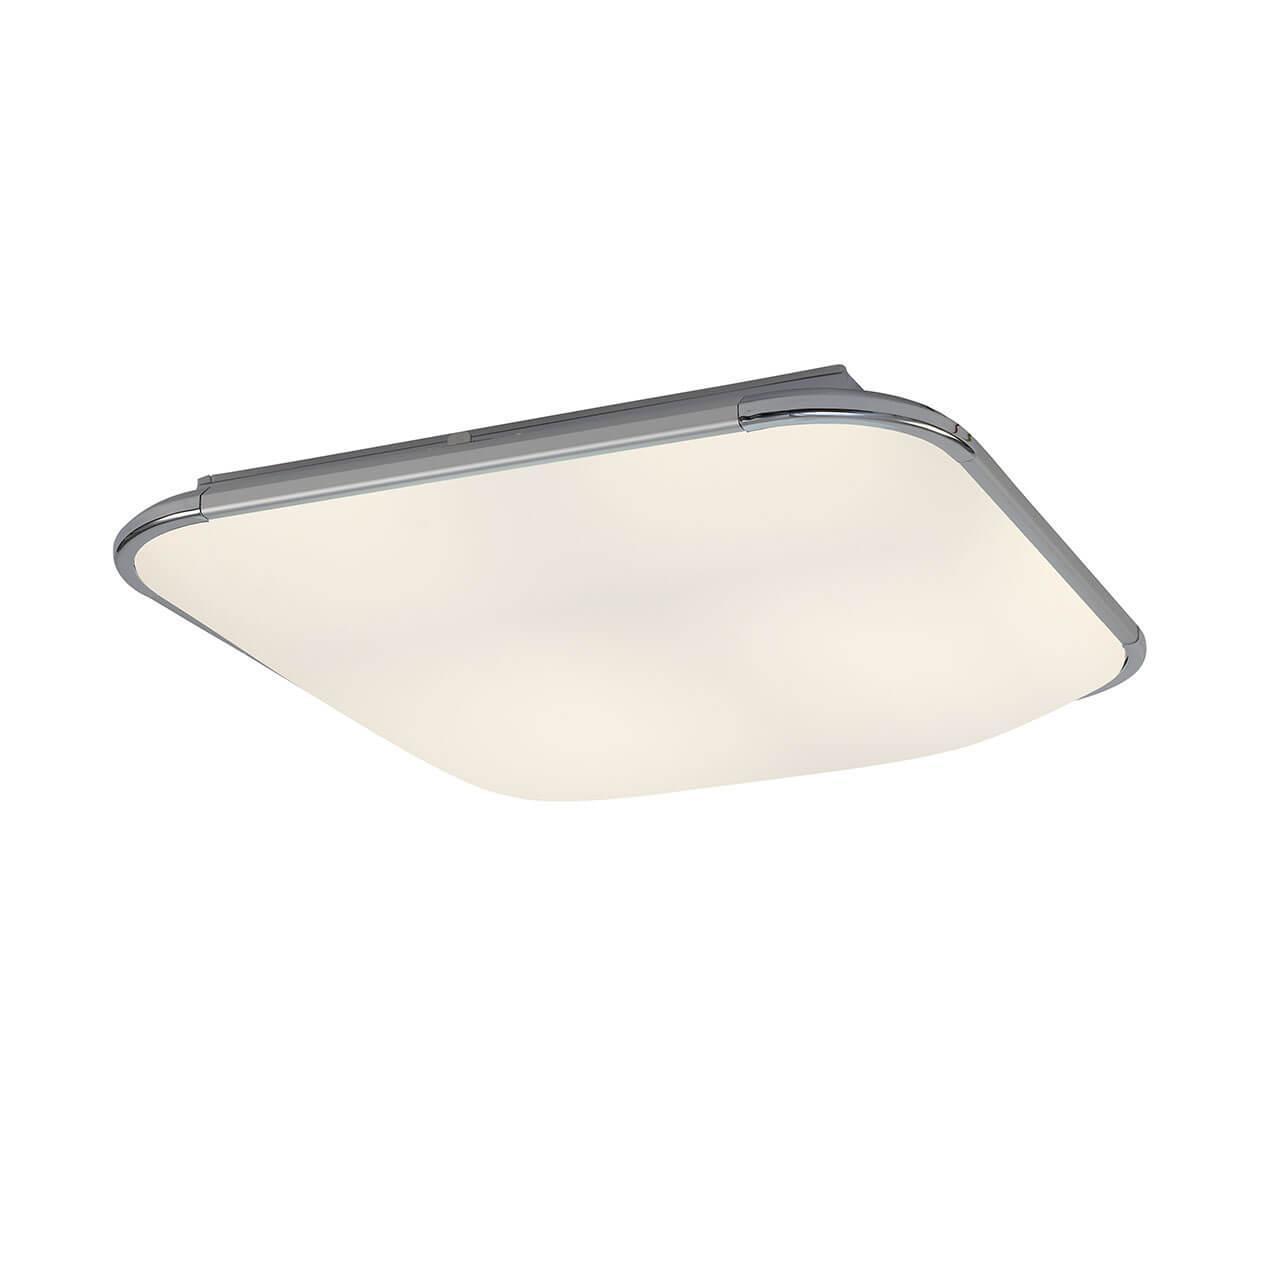 Потолочный светильник Mantra 6249, LED, 24 Вт цены